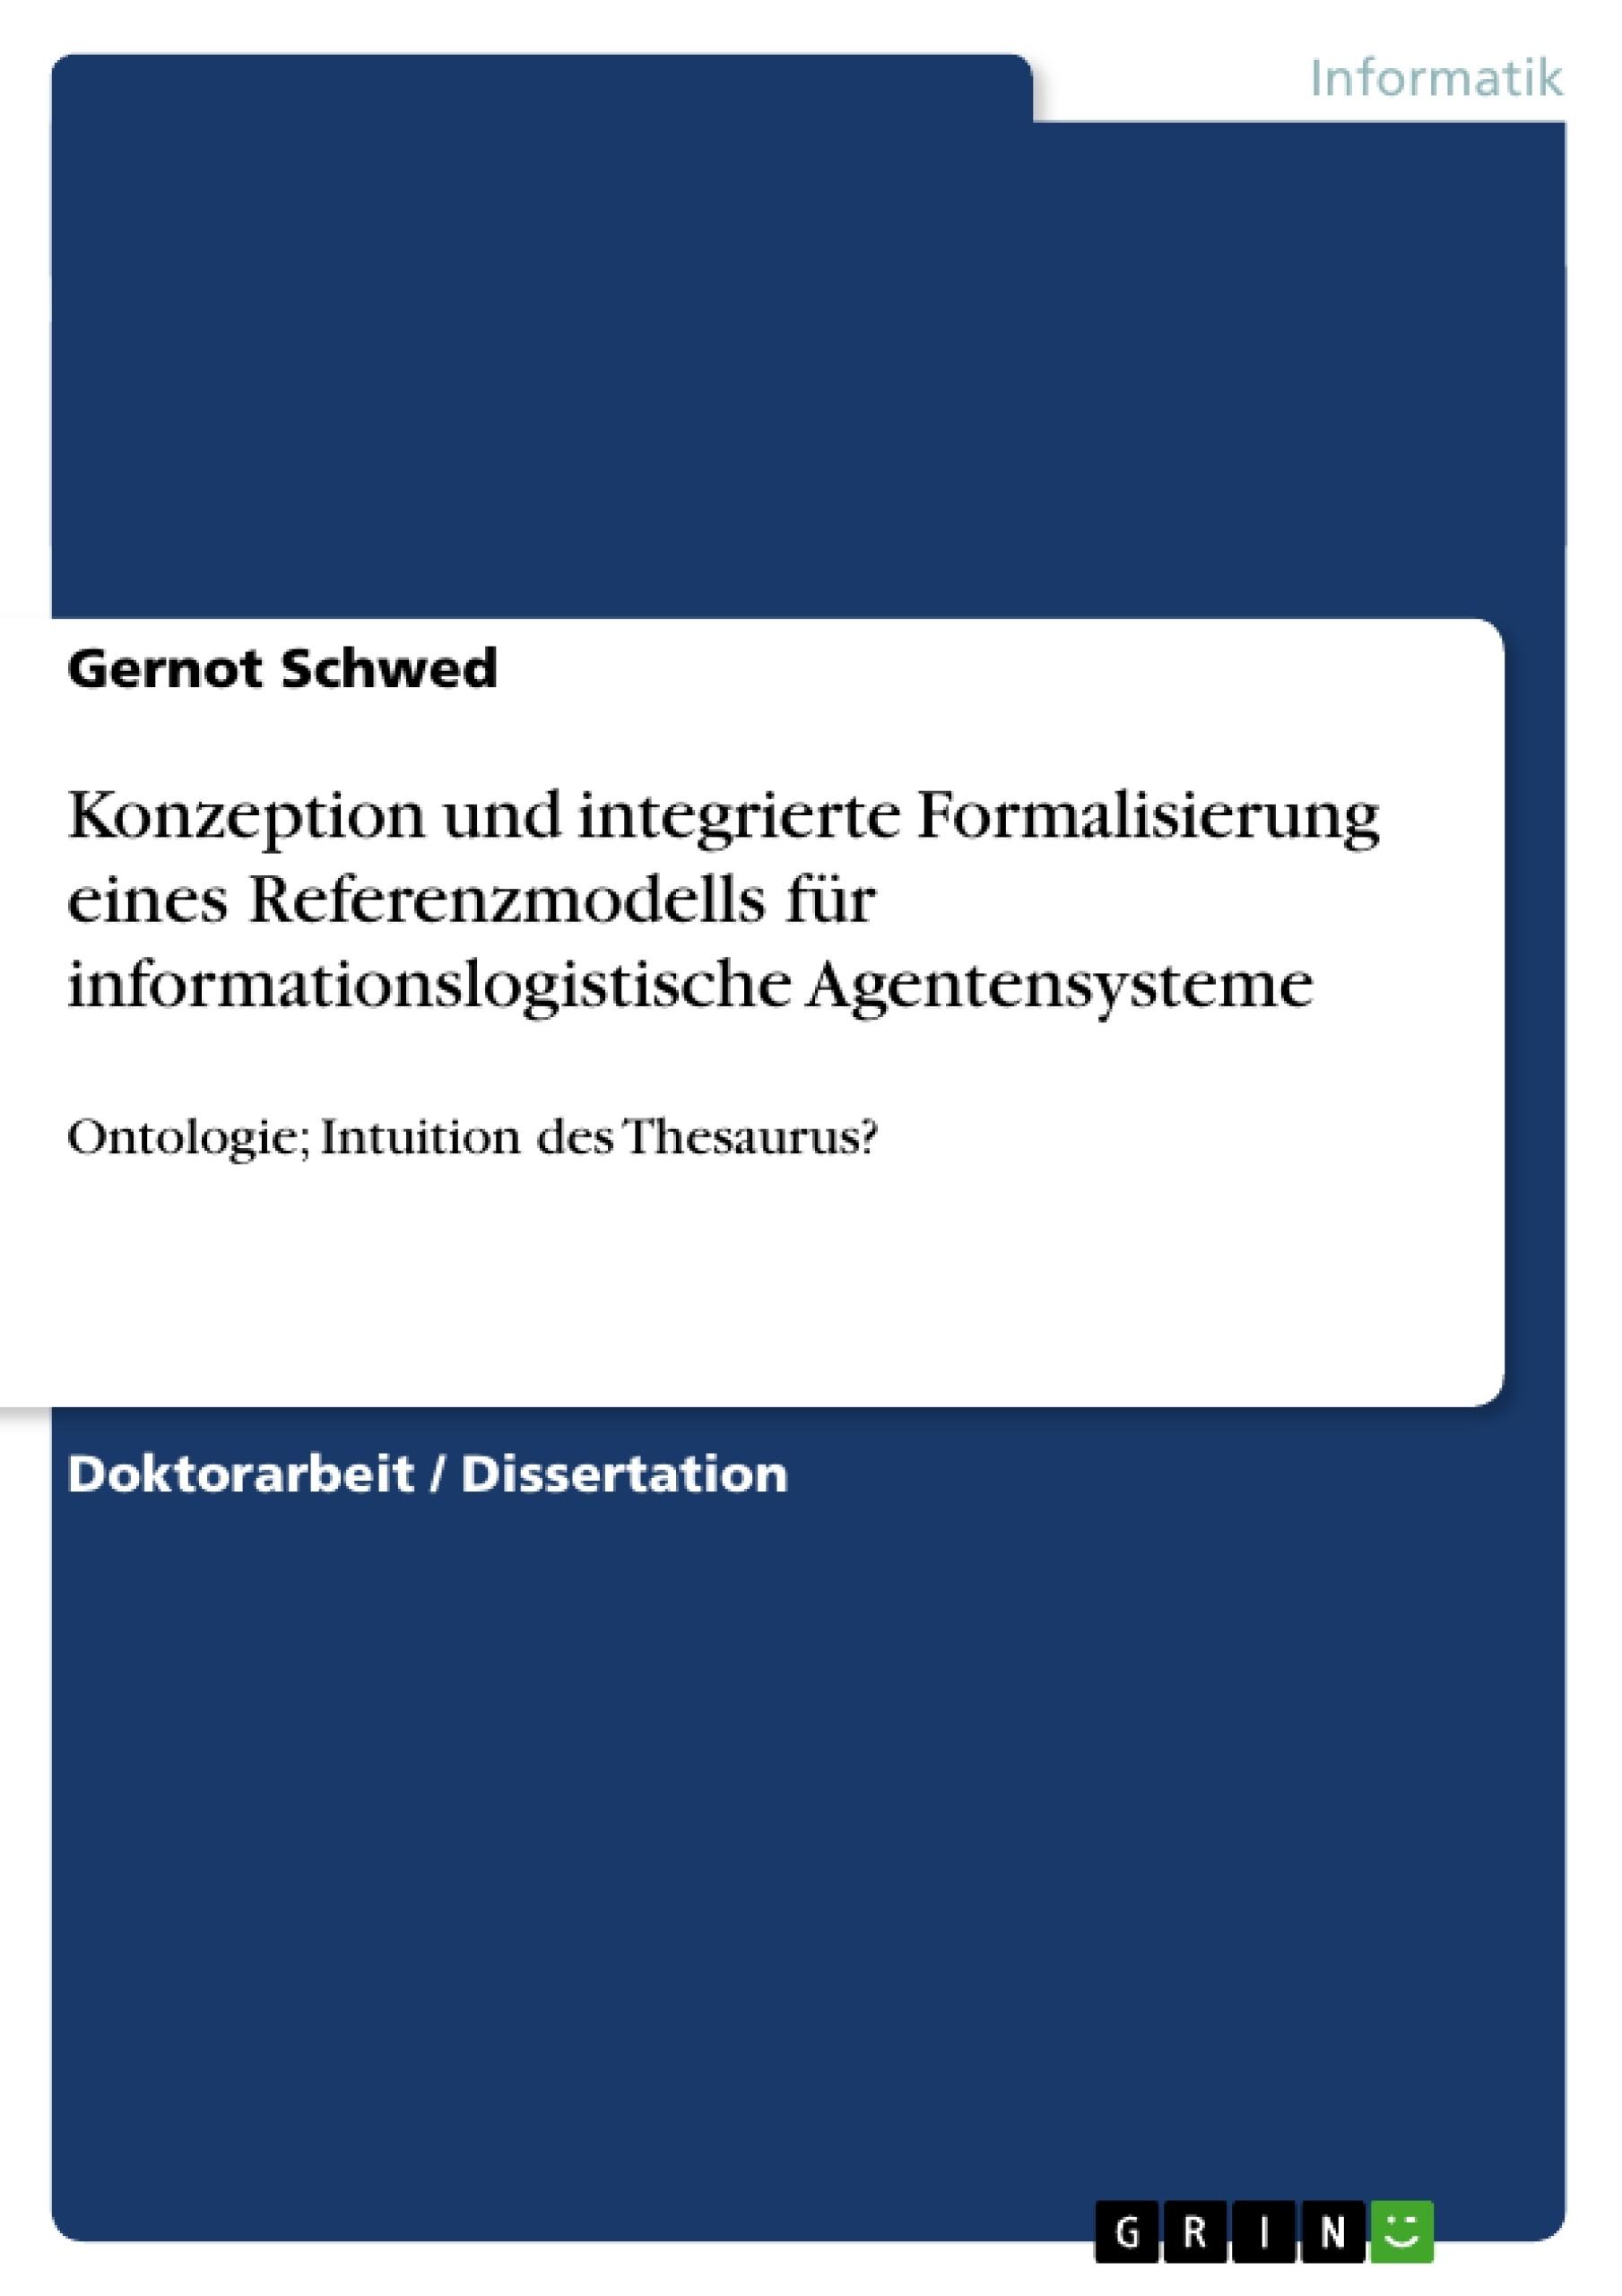 Titel: Konzeption und integrierte Formalisierung eines Referenzmodells für informationslogistische Agentensysteme